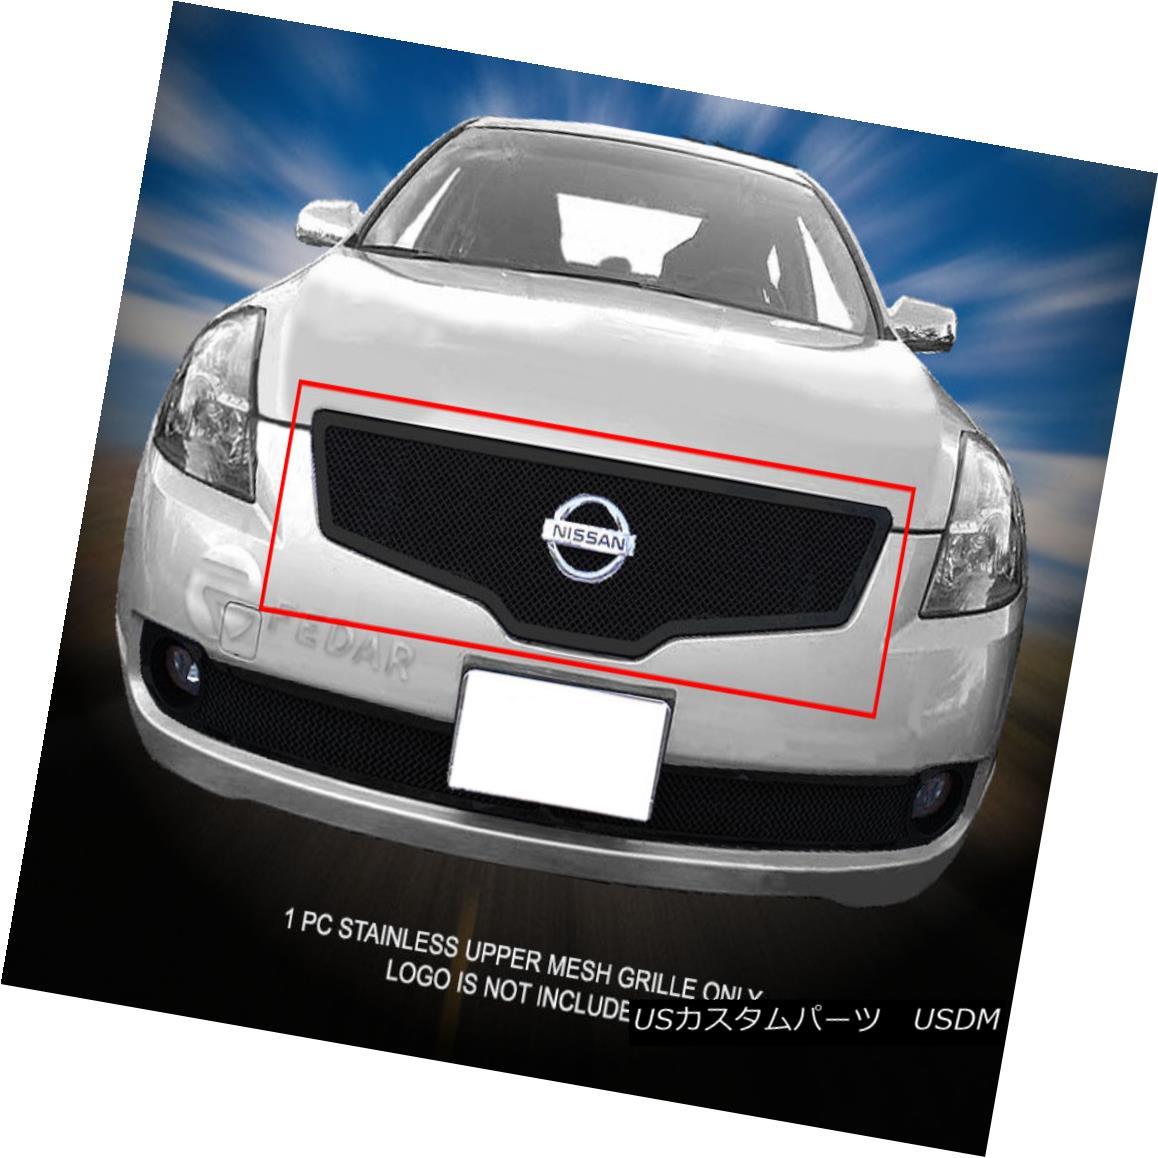 グリル For 07-09 Nissan Altima Sedan Black Stainless Steel Mesh Grille Upper Fedar 07-09日産アルティマセダンブラックステンレスメッシュグリルアッパーフェルダー